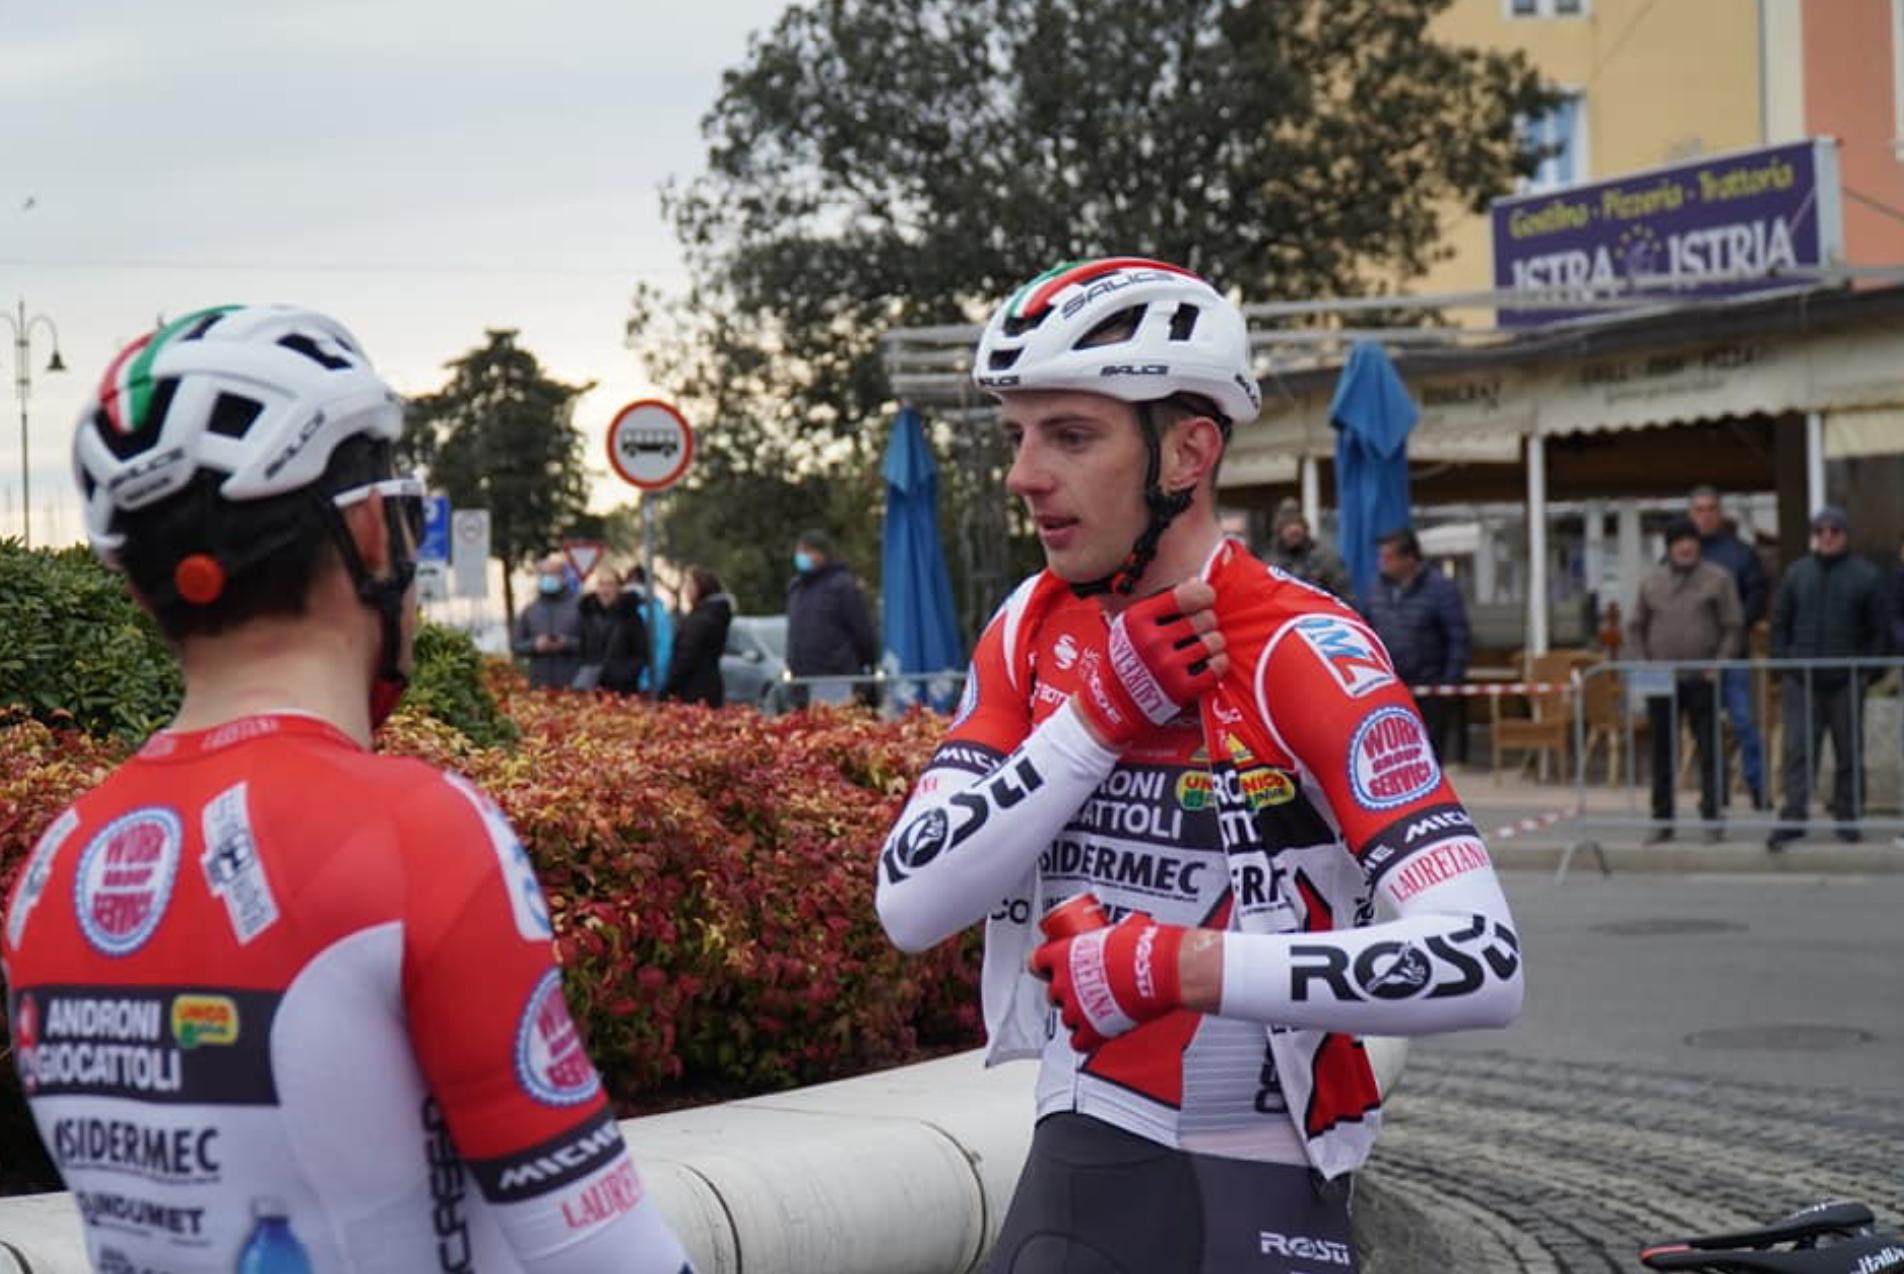 Spremembe za Giro: V igri zdaj Jermanova ekipa